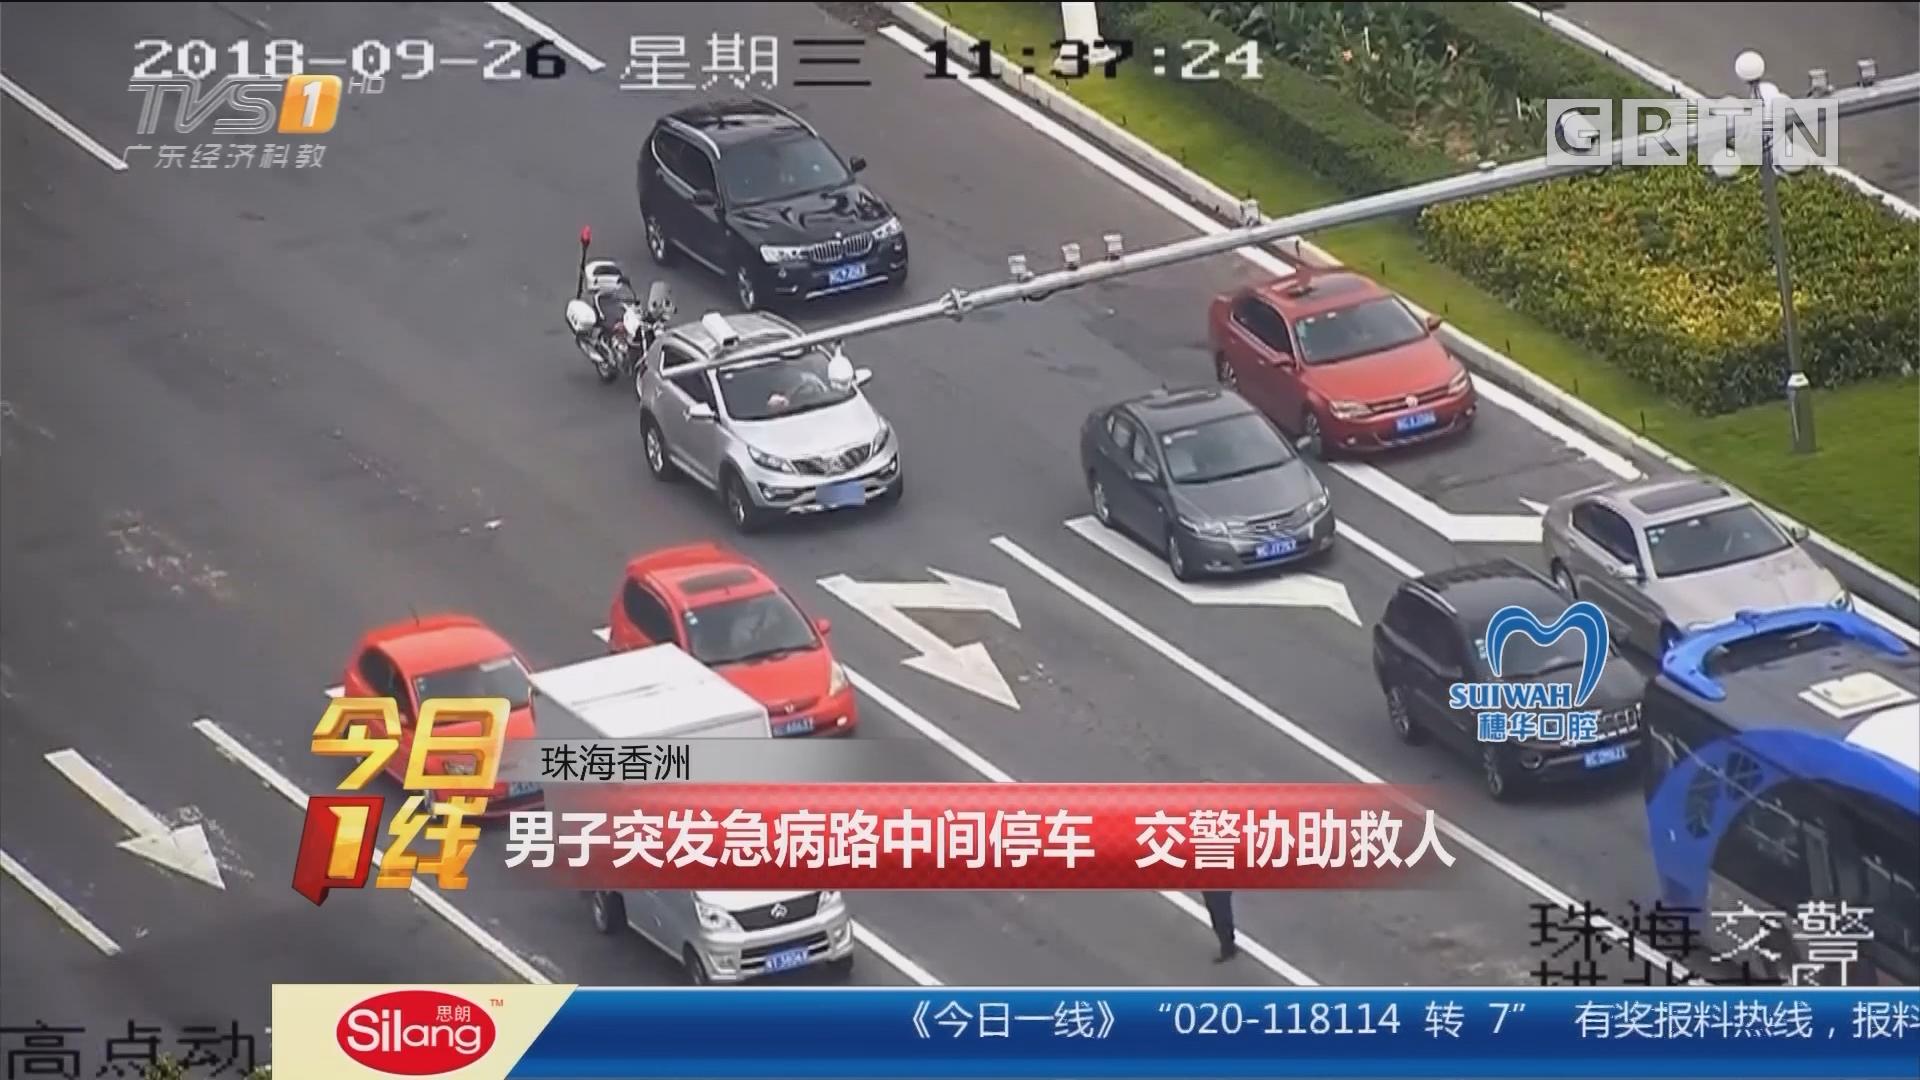 珠海香洲:男子突发急病路中间停车 交警协助救人